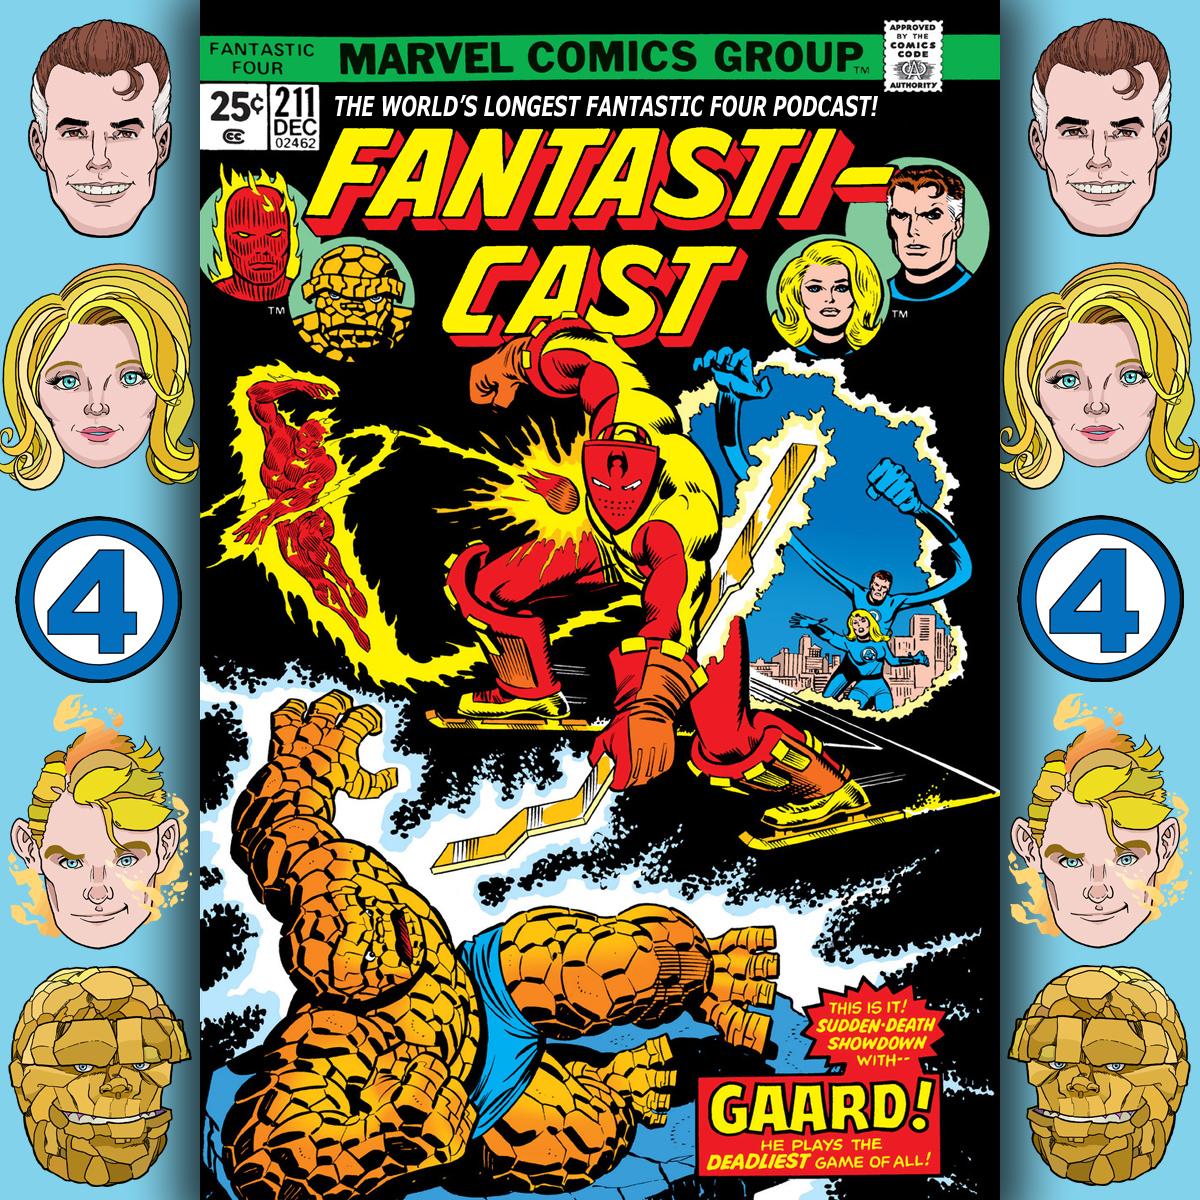 Episode 211: Fantastic Four #163 - Finale